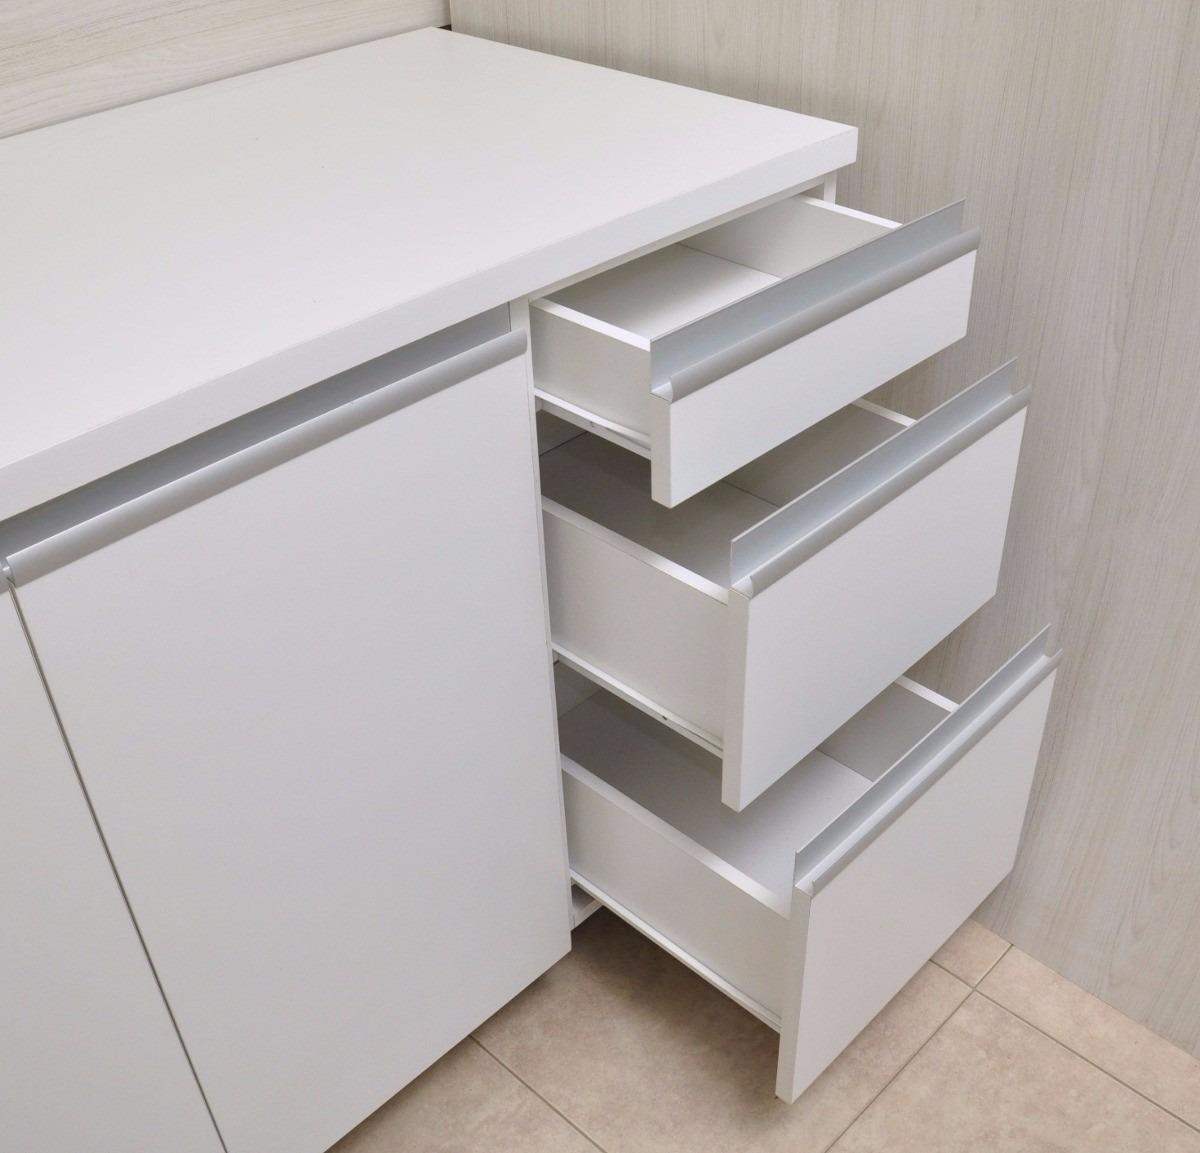 Muebles melamina planos optimizador iniciatu propio for Muebles de cocina planos pdf